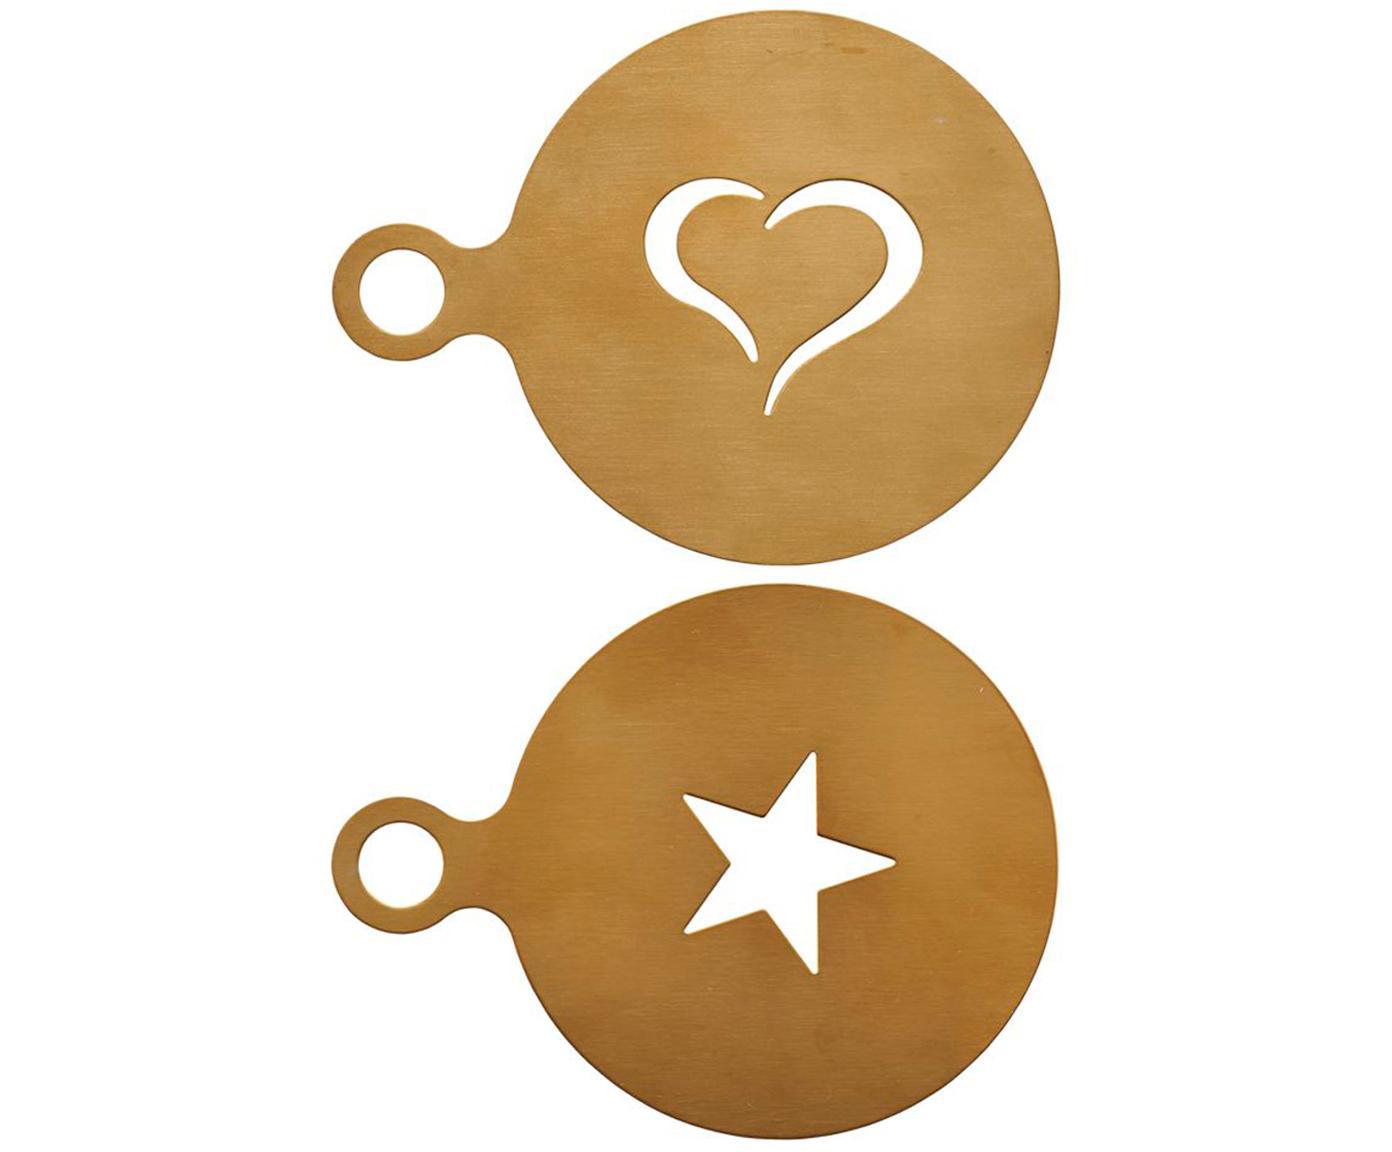 Cappuccino sjablonenset goudkleurig, 2 stuks, Gecoat edelstaal, Messingkleurig, Ø 10 cm